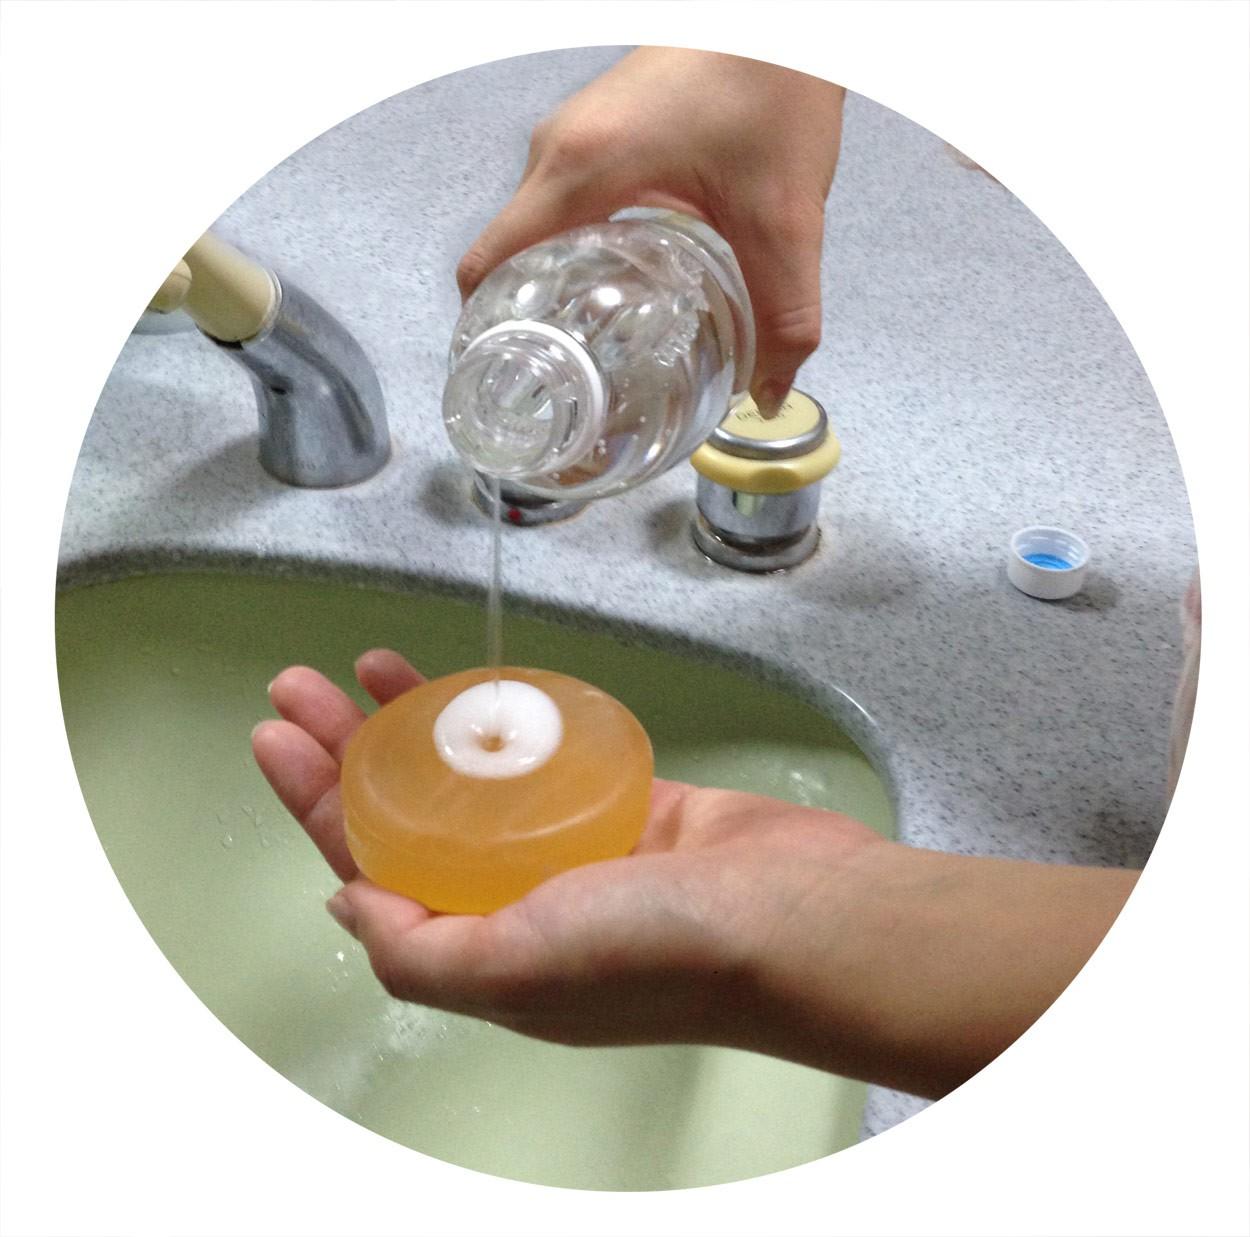 飲むだけじゃない!?九州大分県久住山系天然水100%!強炭酸水の様々な活用法♪その①